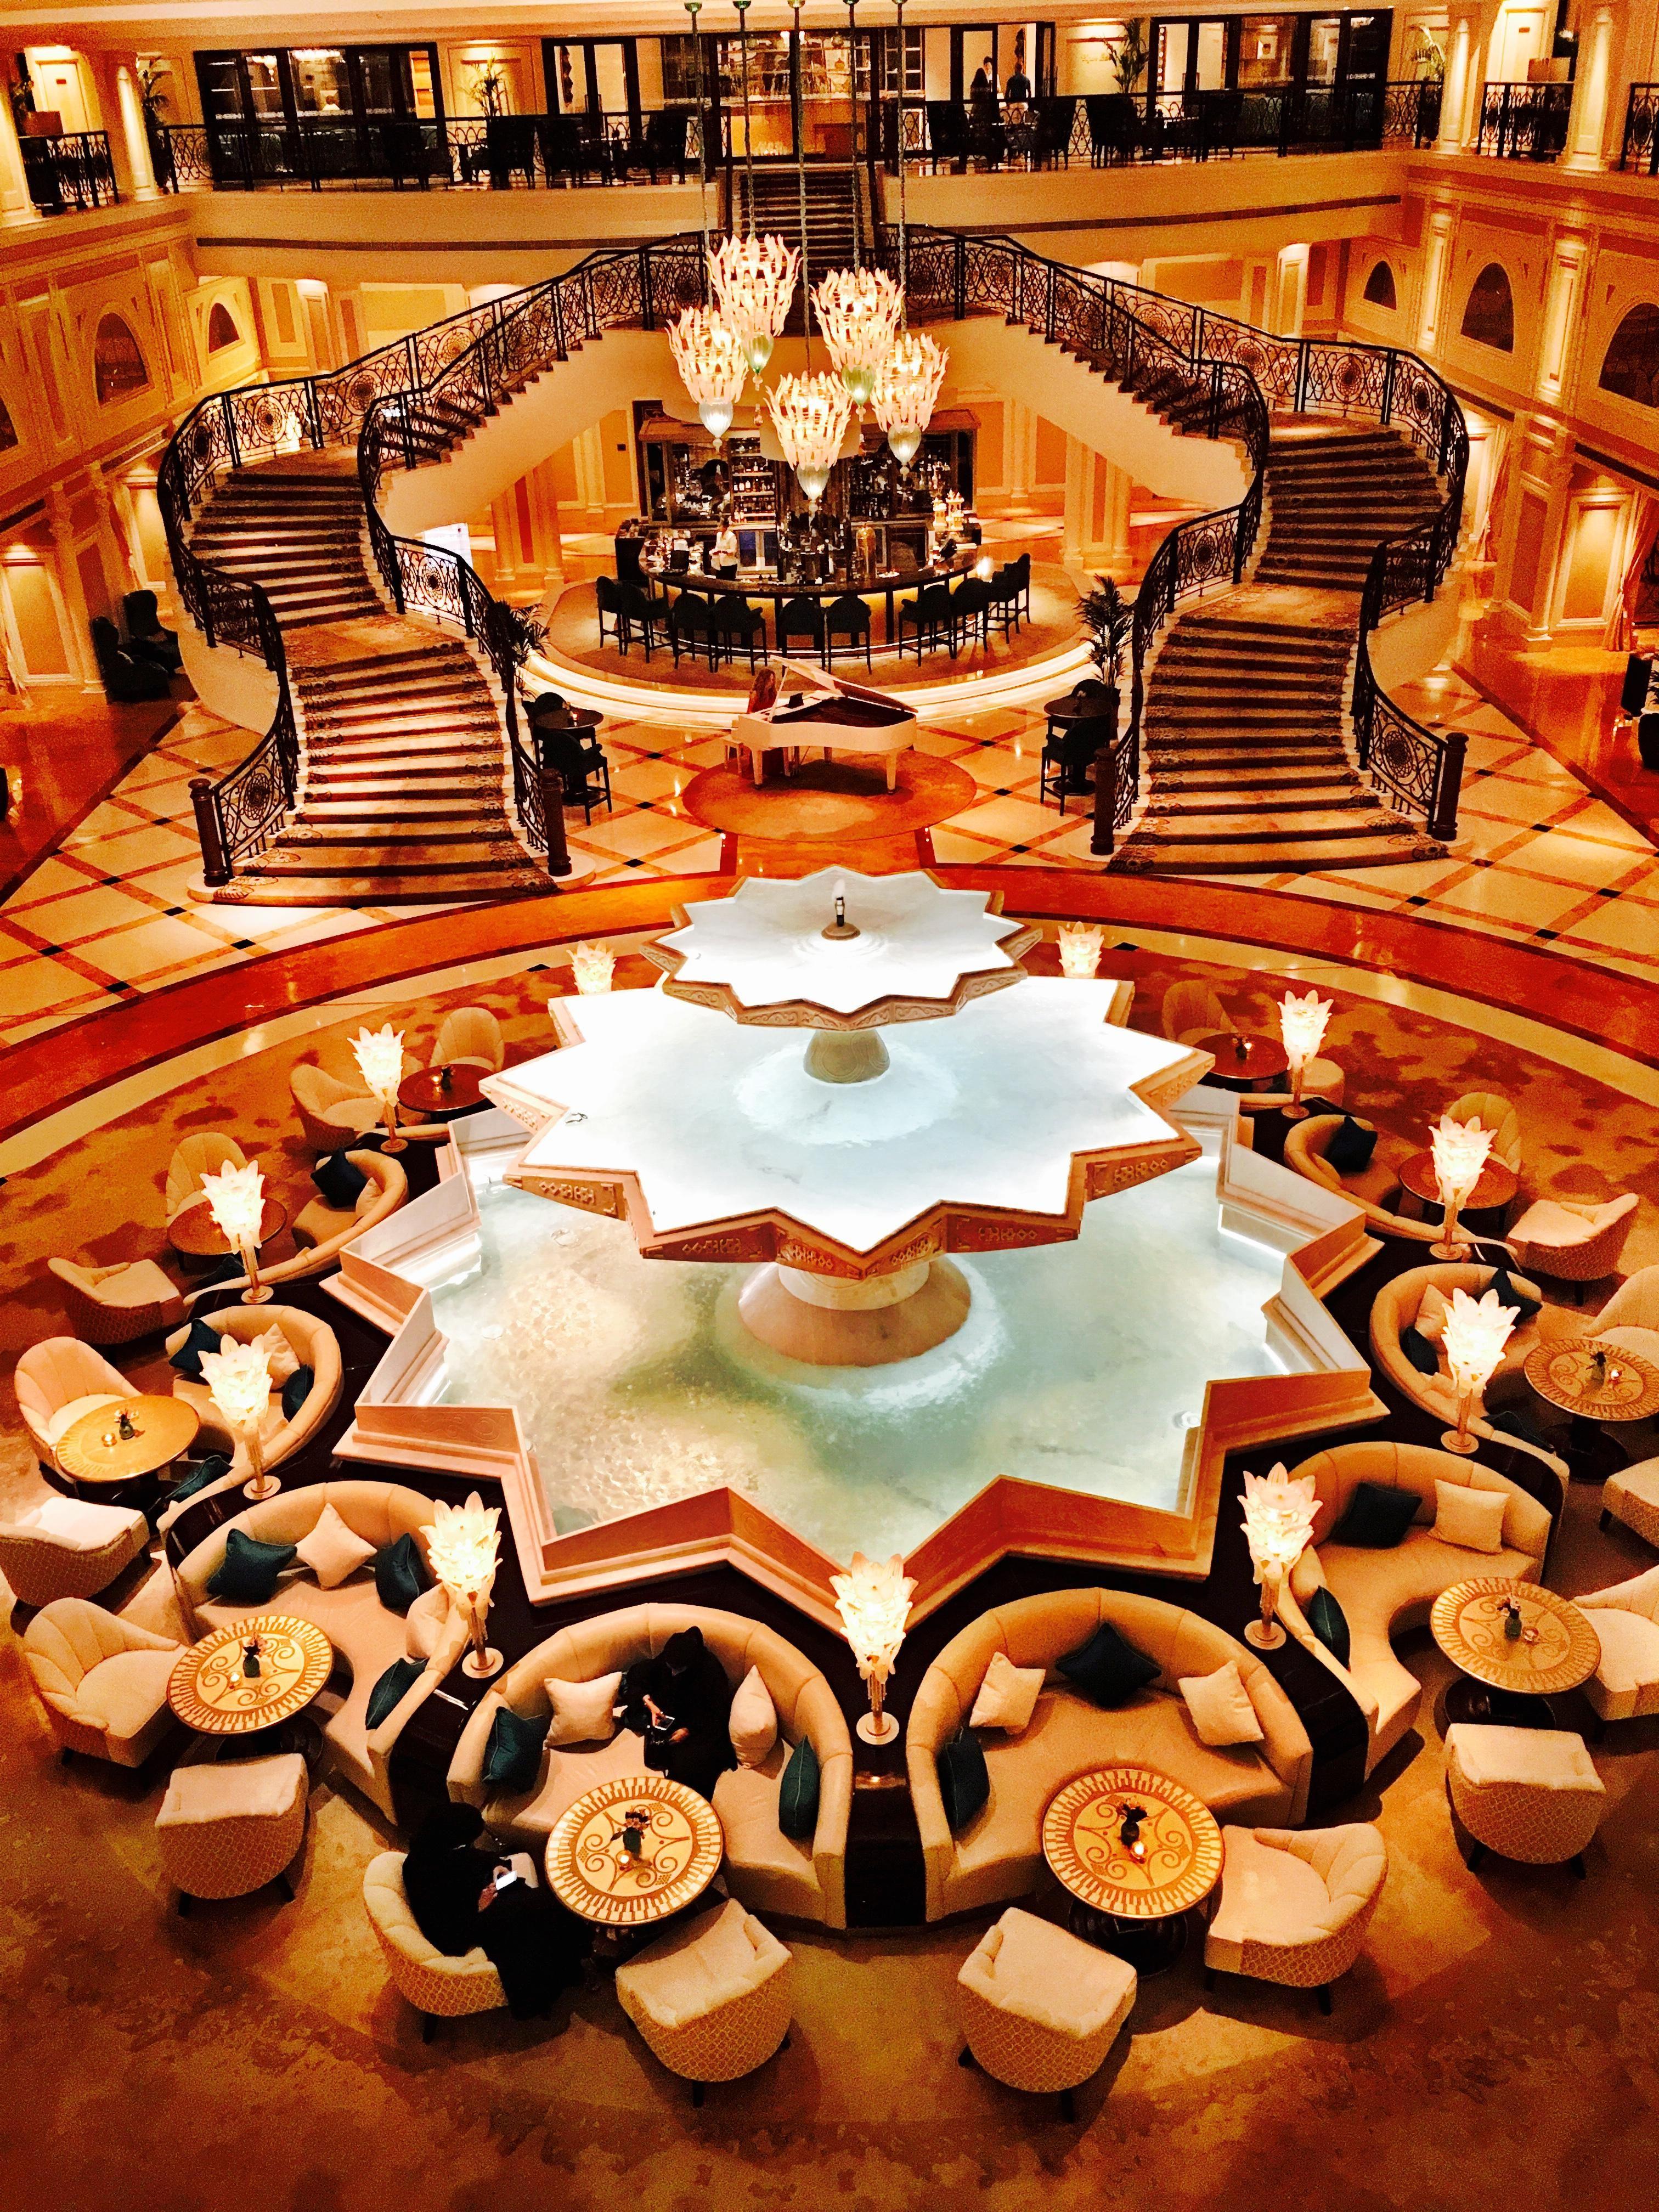 ITAP of the impressive lobby at the Wardolf Astoria in Ras Al Khaimah http://ift.tt/2hpSgam